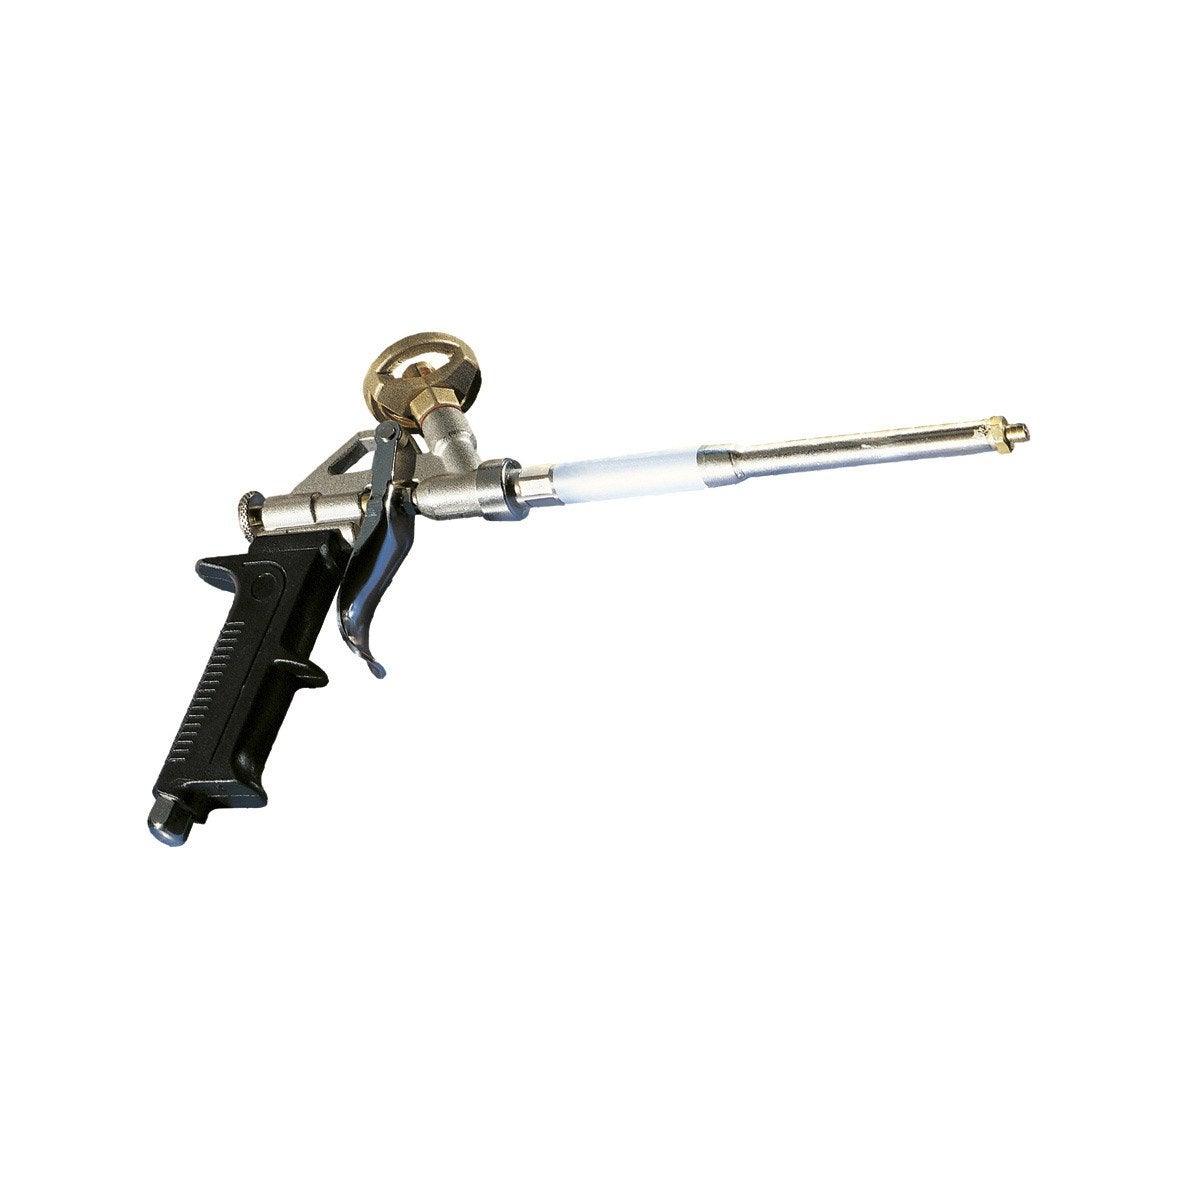 Pistolet mousse expansive pu polyuréthane Metallique